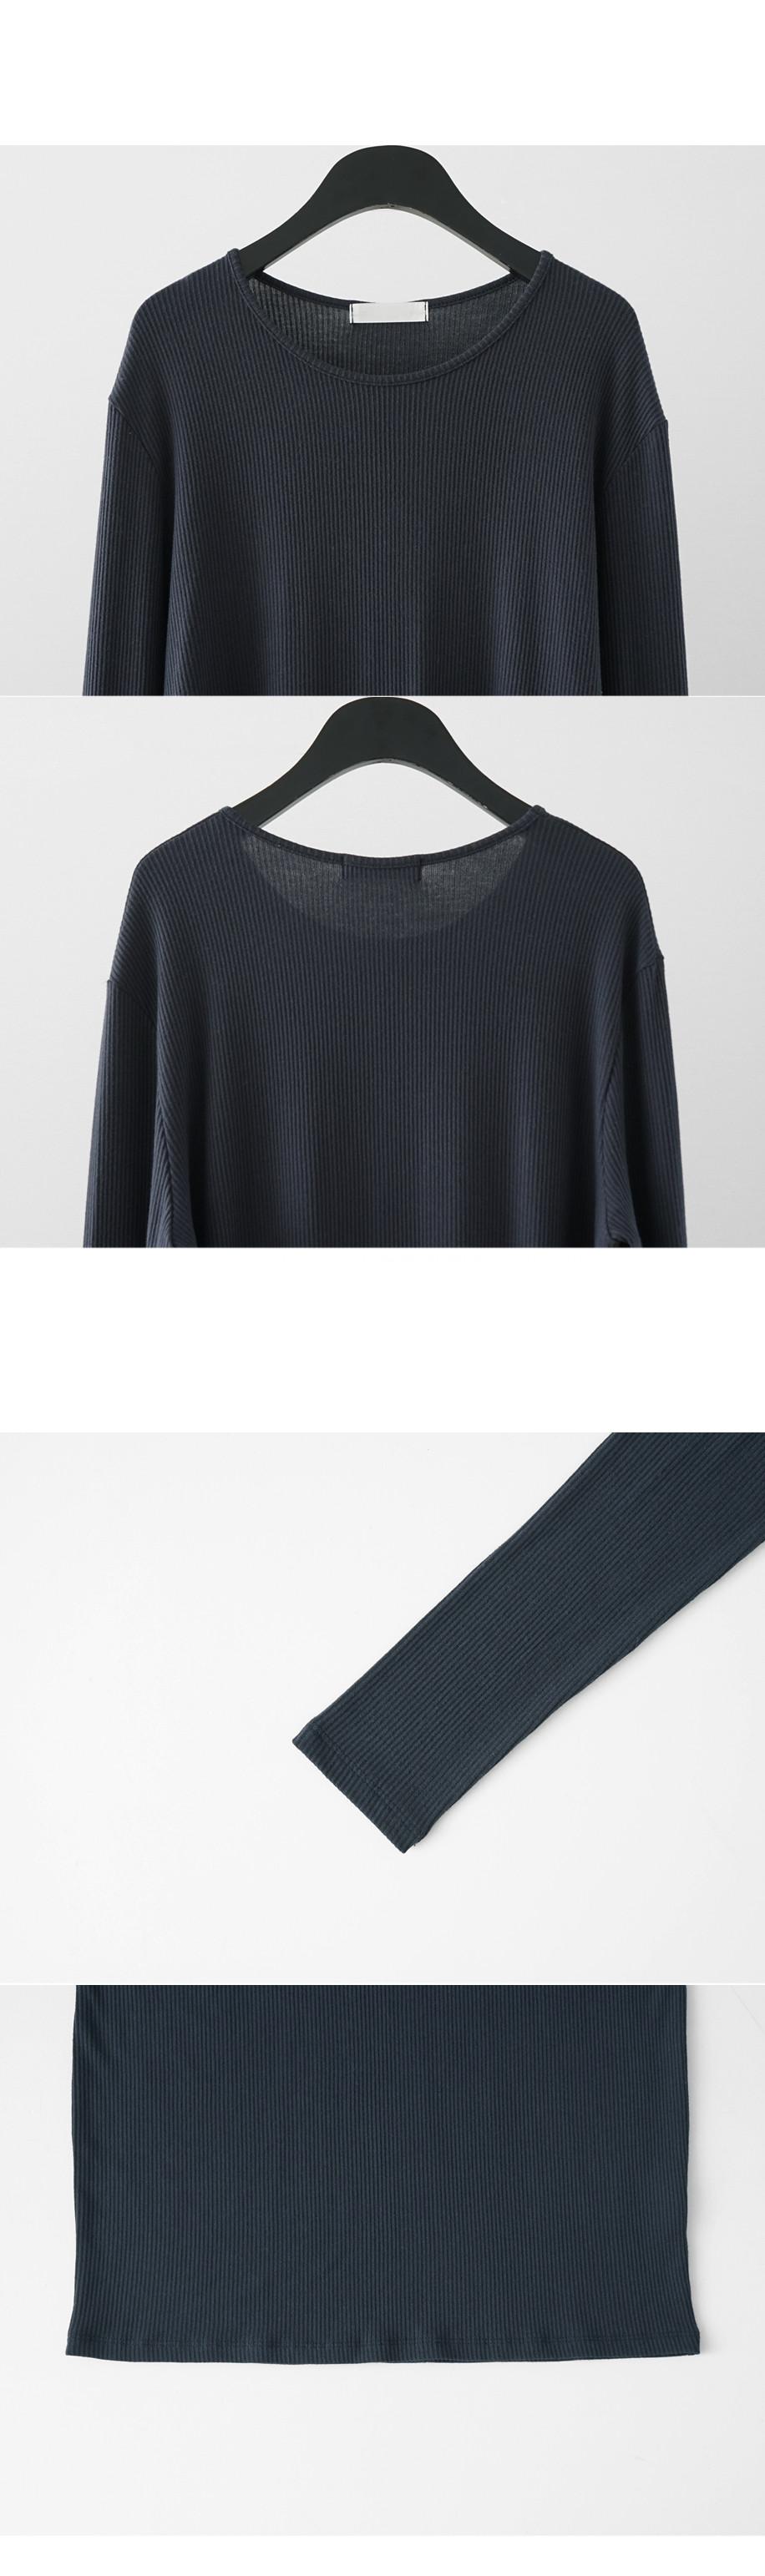 wide U-neck golgi top